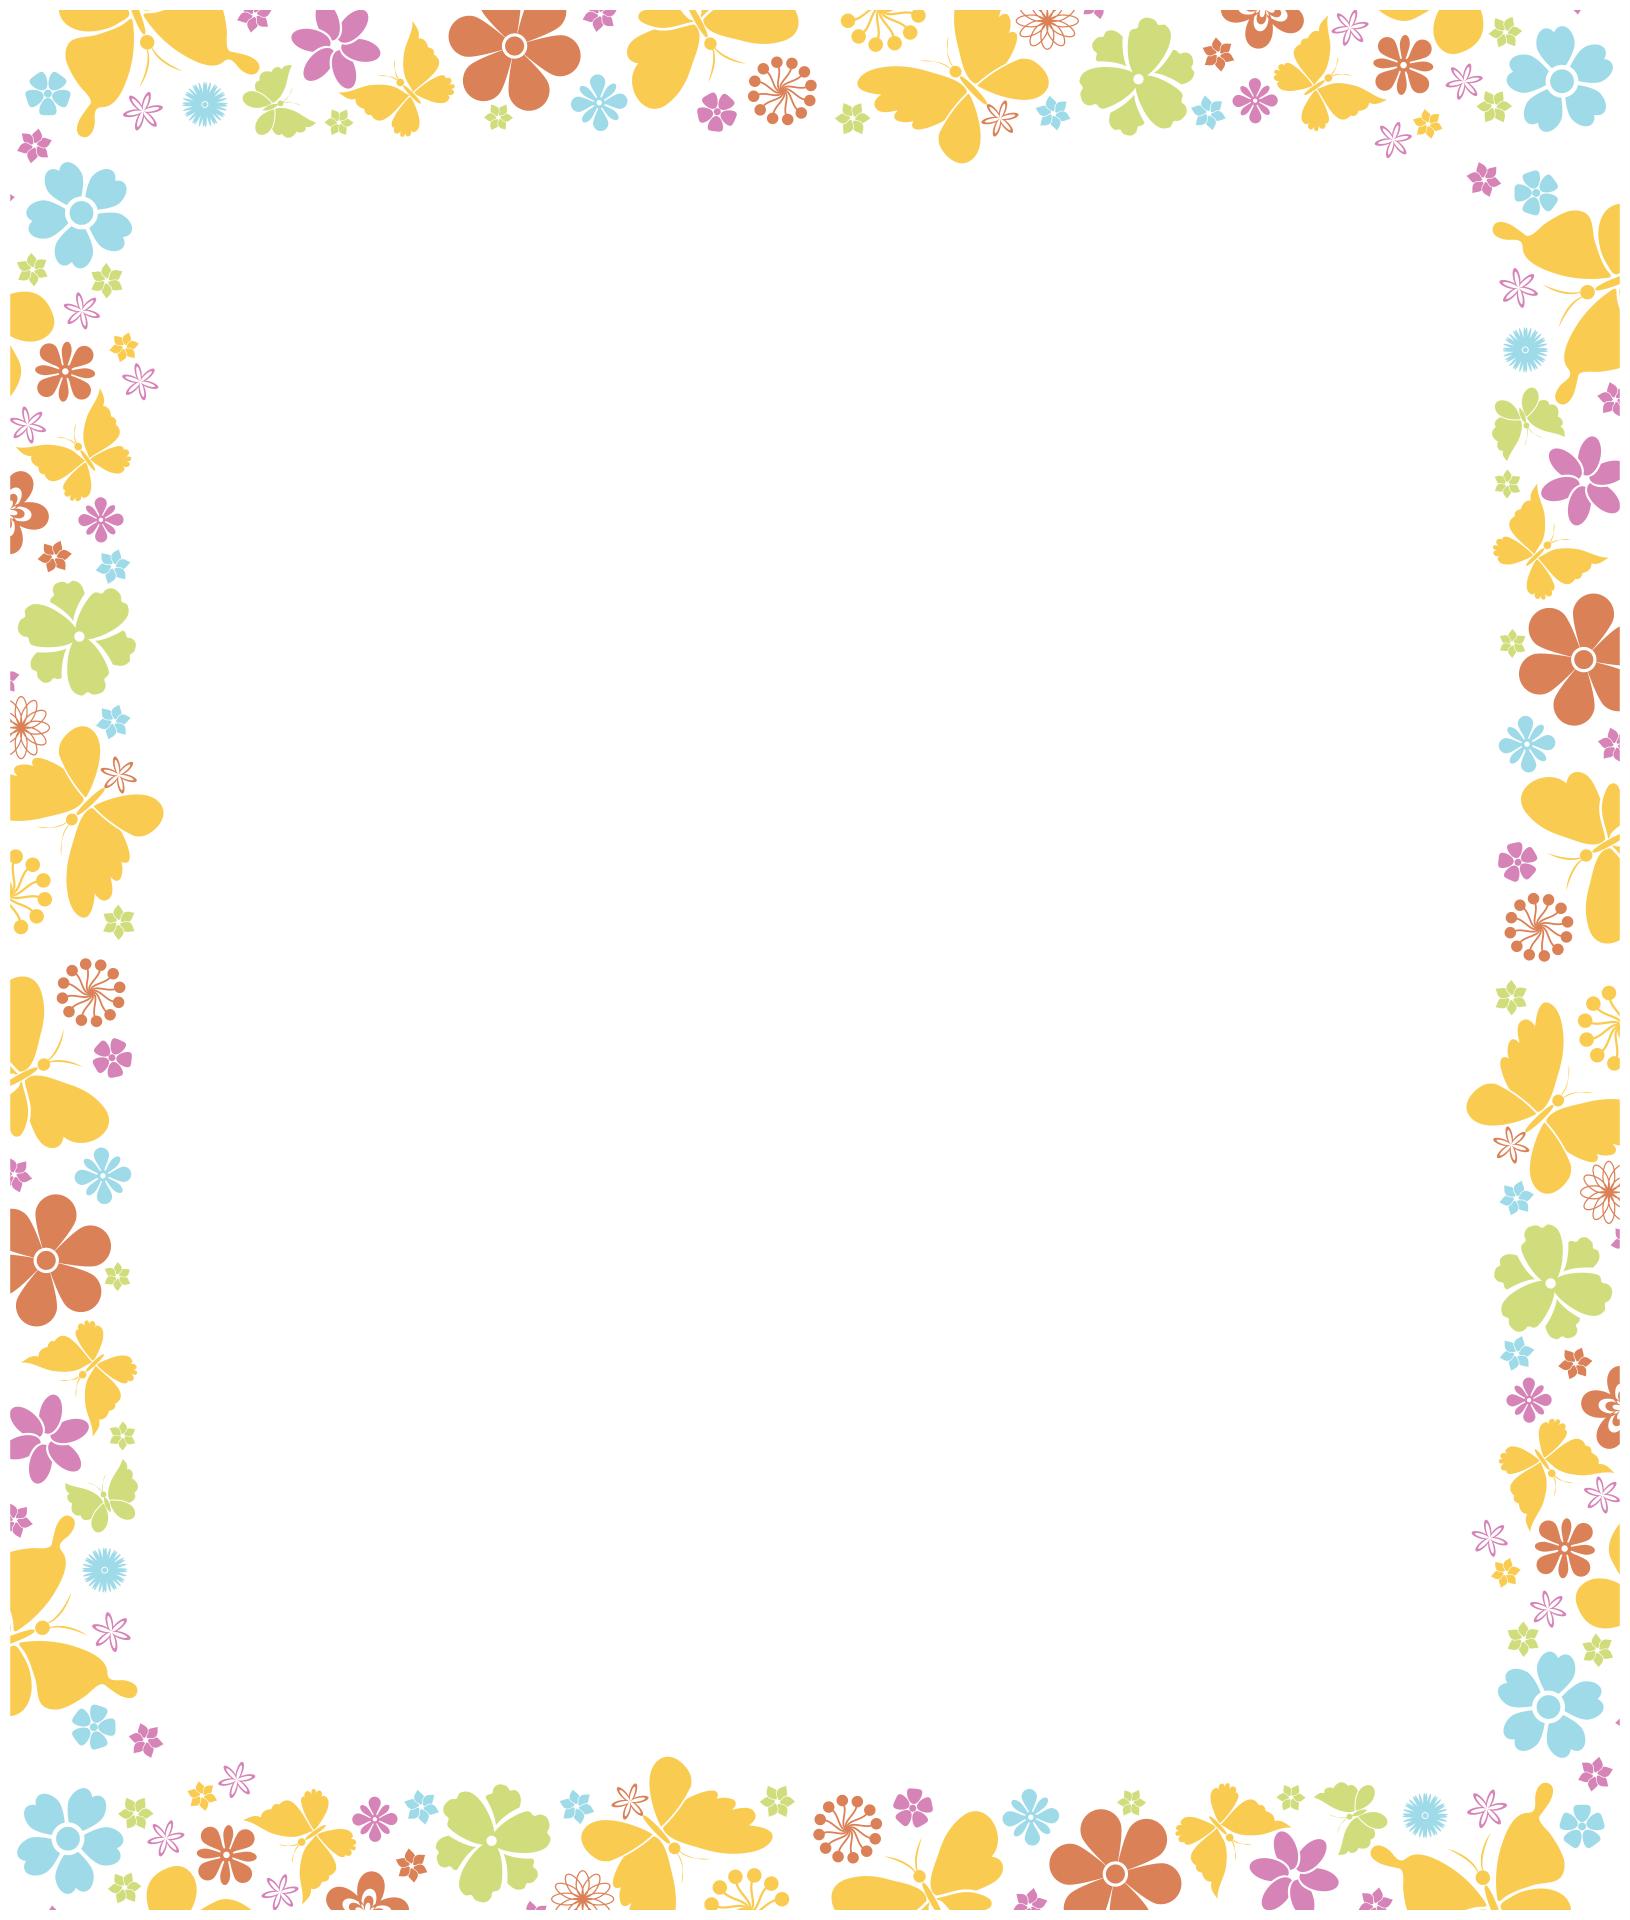 Butterfly Borders Clip Art